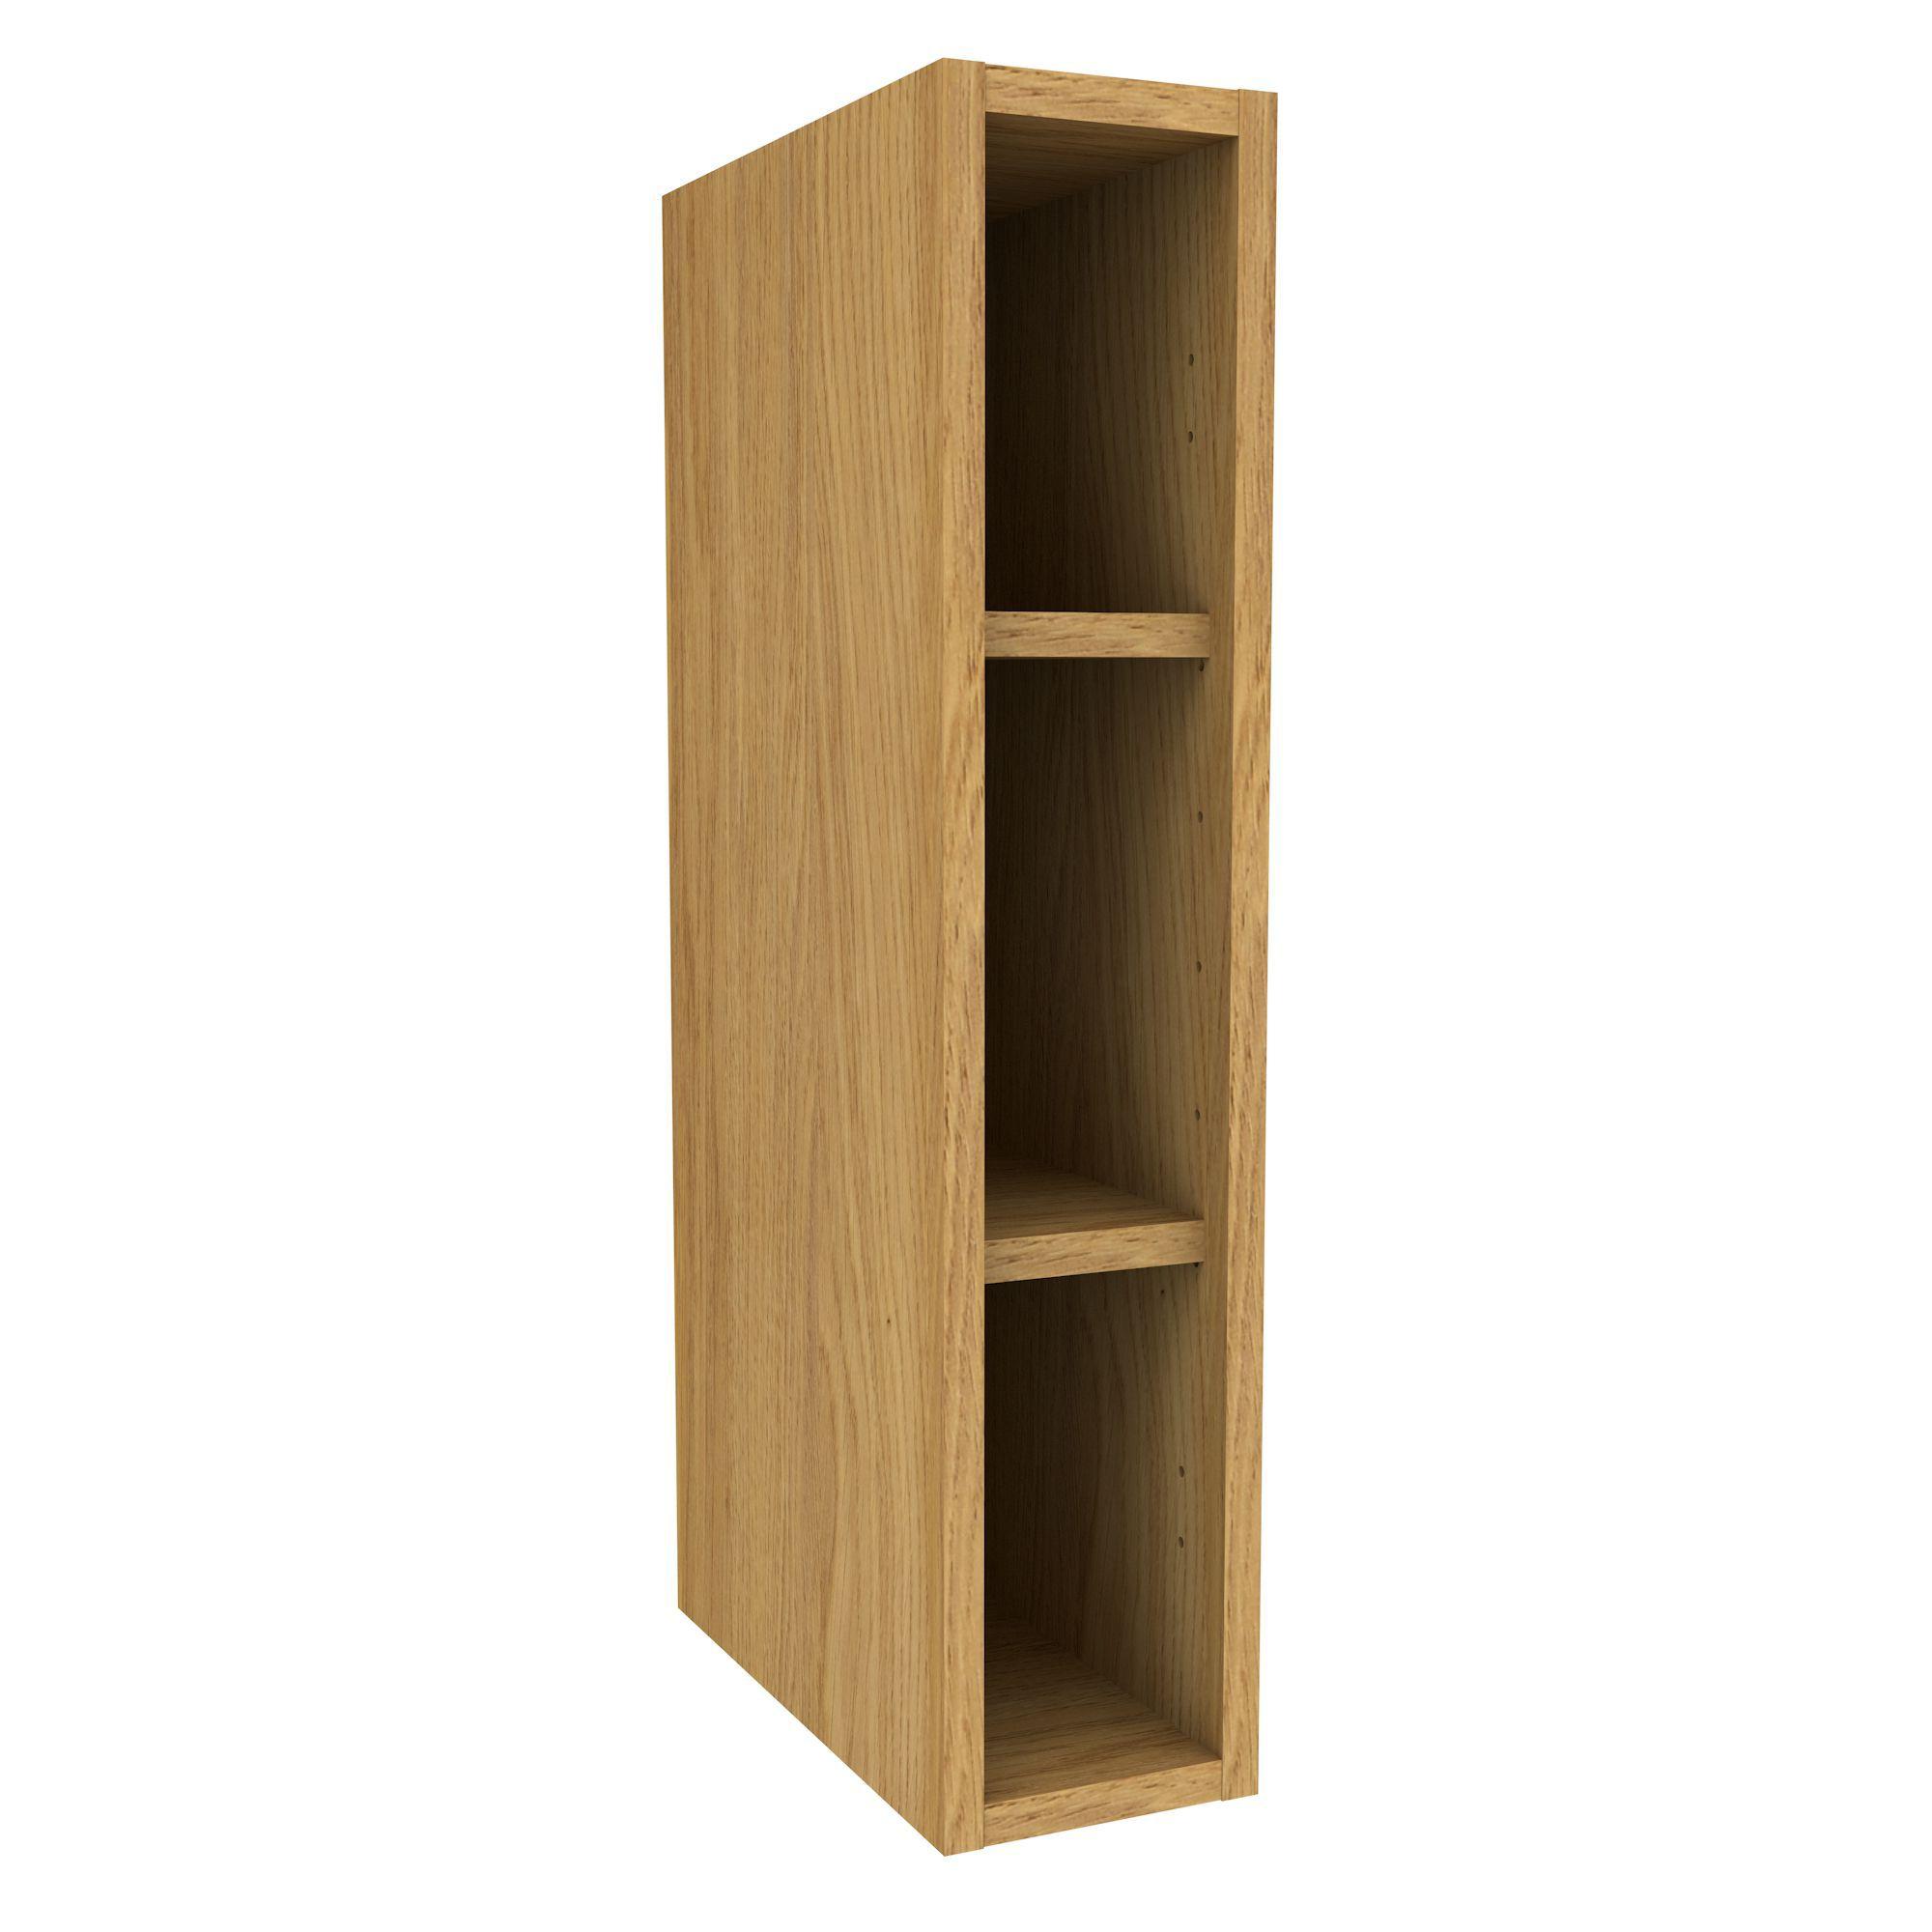 Cooke & Lewis Oak Effect Deep Wall Cabinet (w)150mm